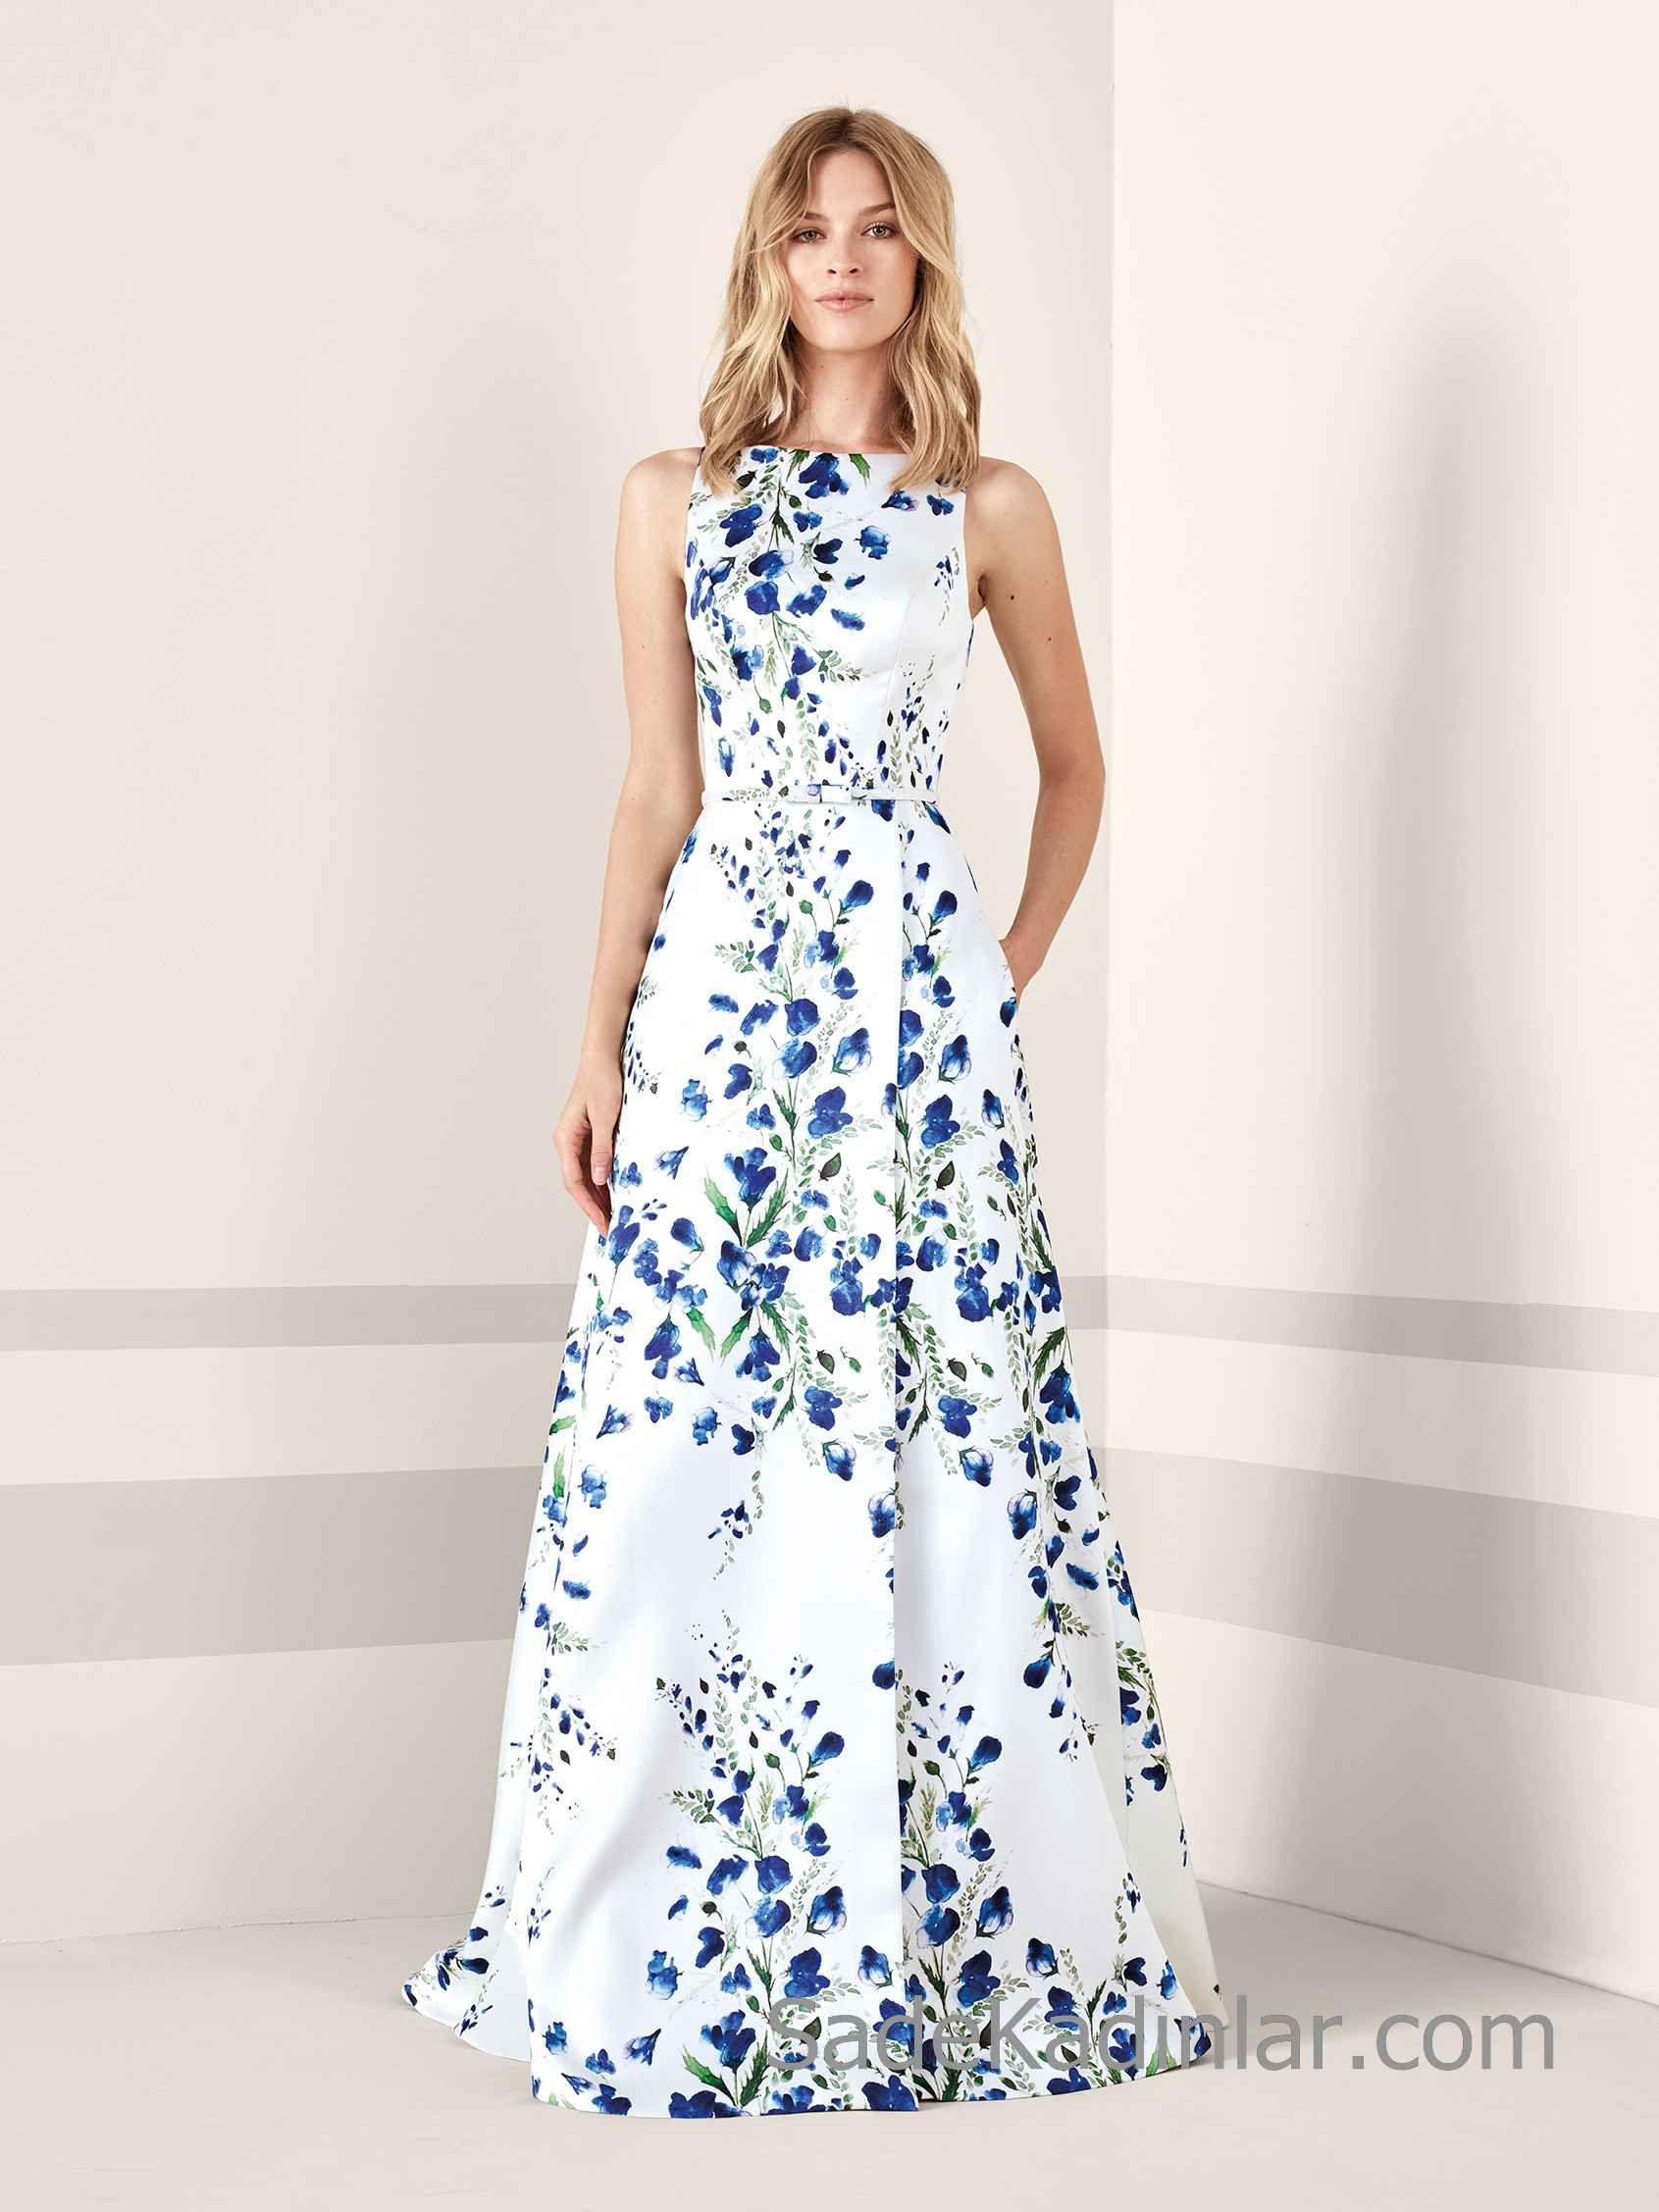 Düğün için elbise modelleri 2019